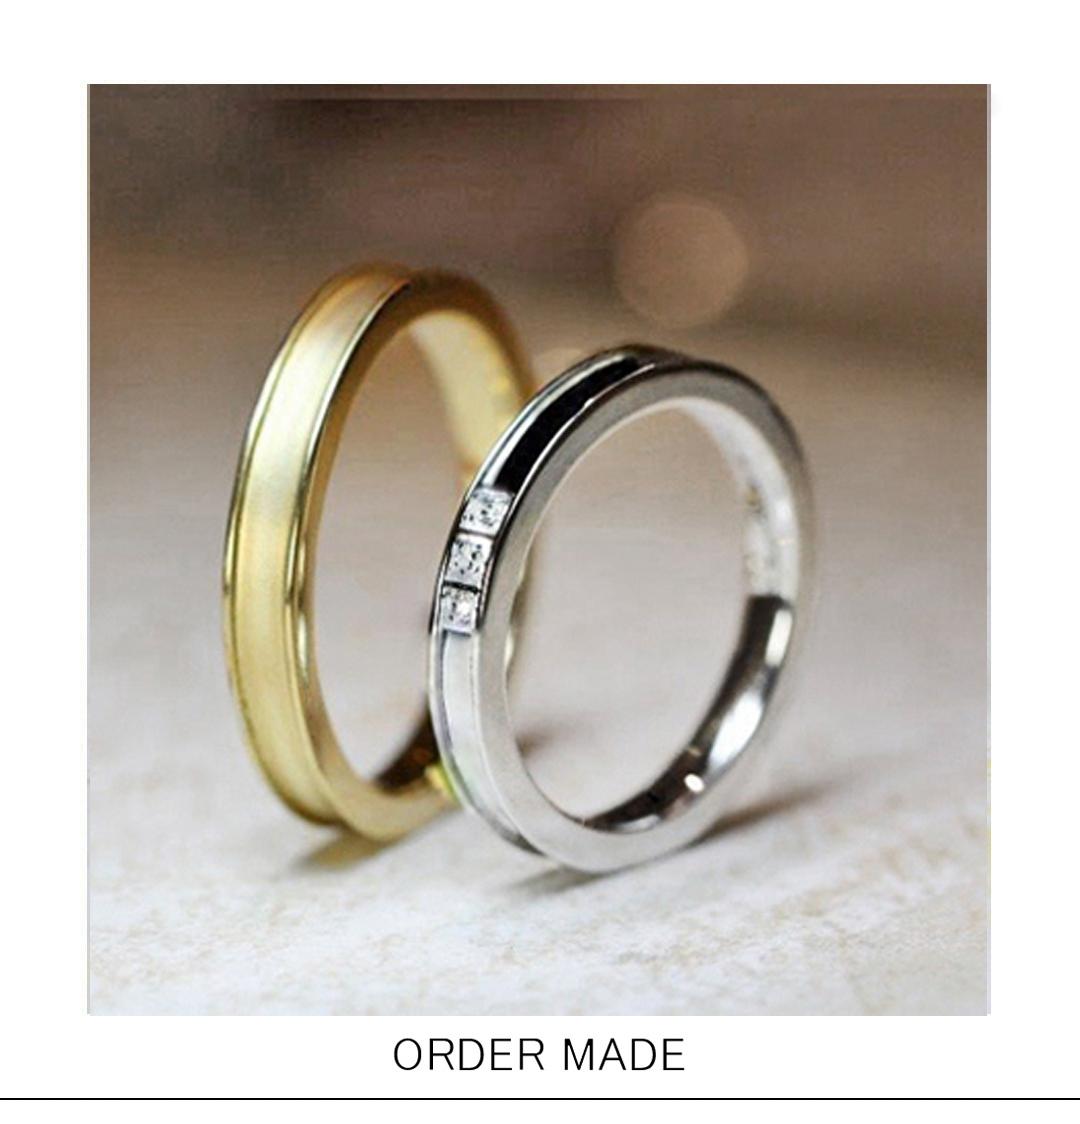 プラチナ950とゴールドK18でオーダーメイドされたペアデザインの結婚指輪のサムネイル